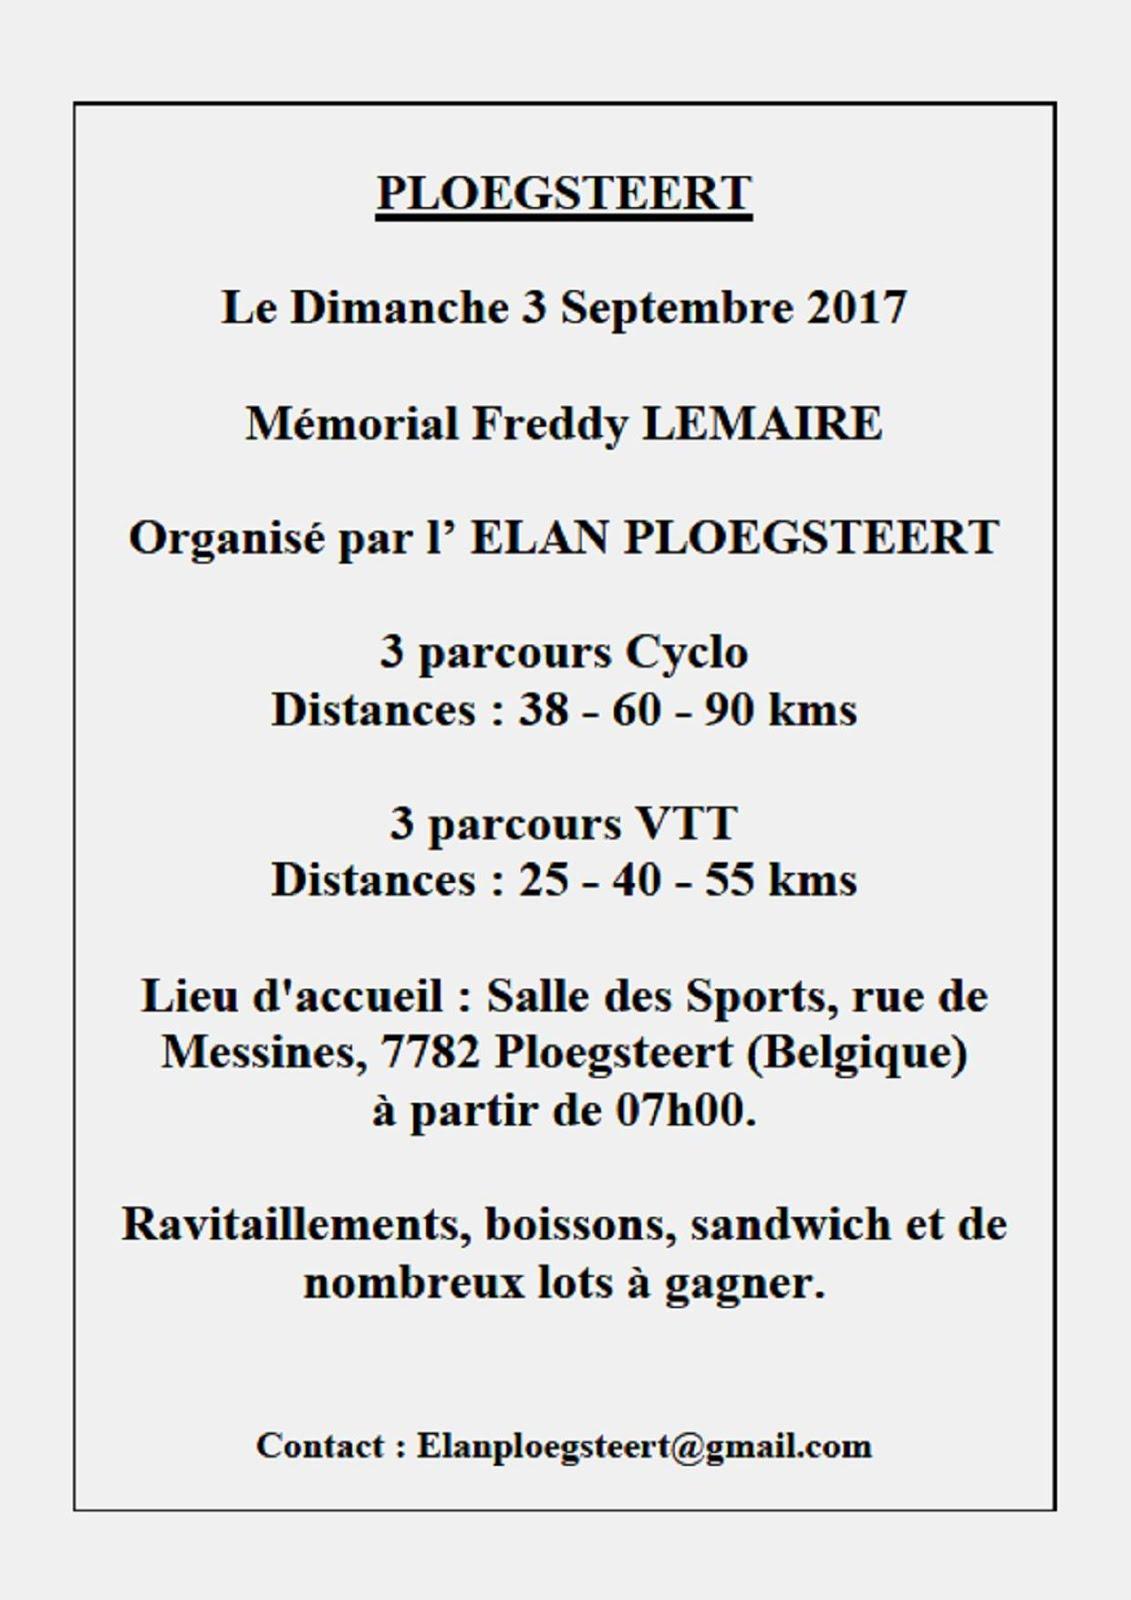 Dimanche 3 septembre Mémorial Freddy Lemaire